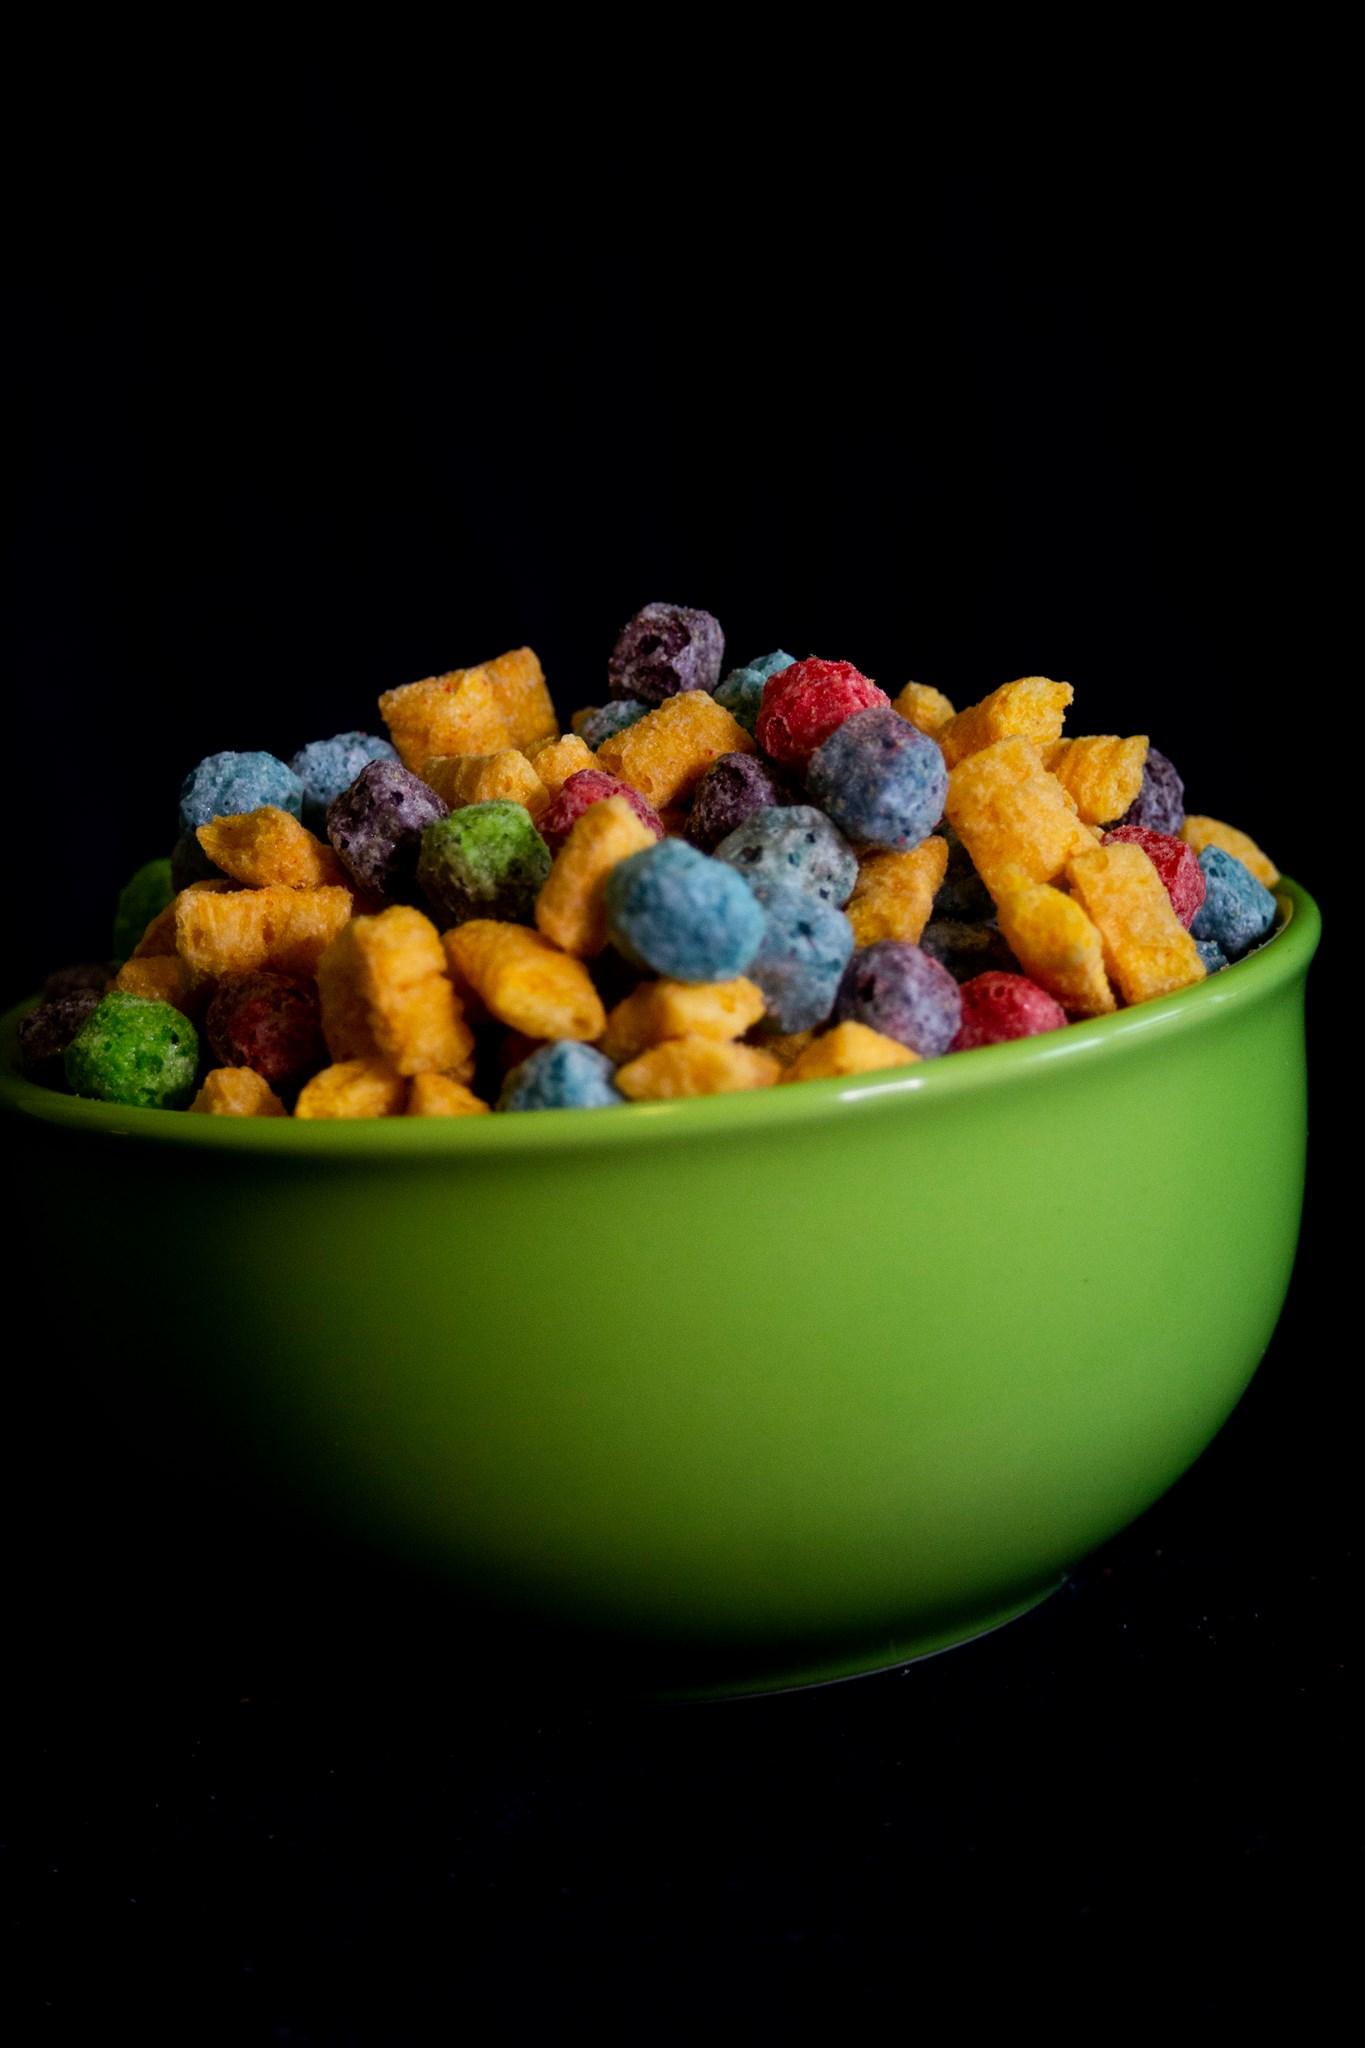 Cap'n Crunch Berries fragrance